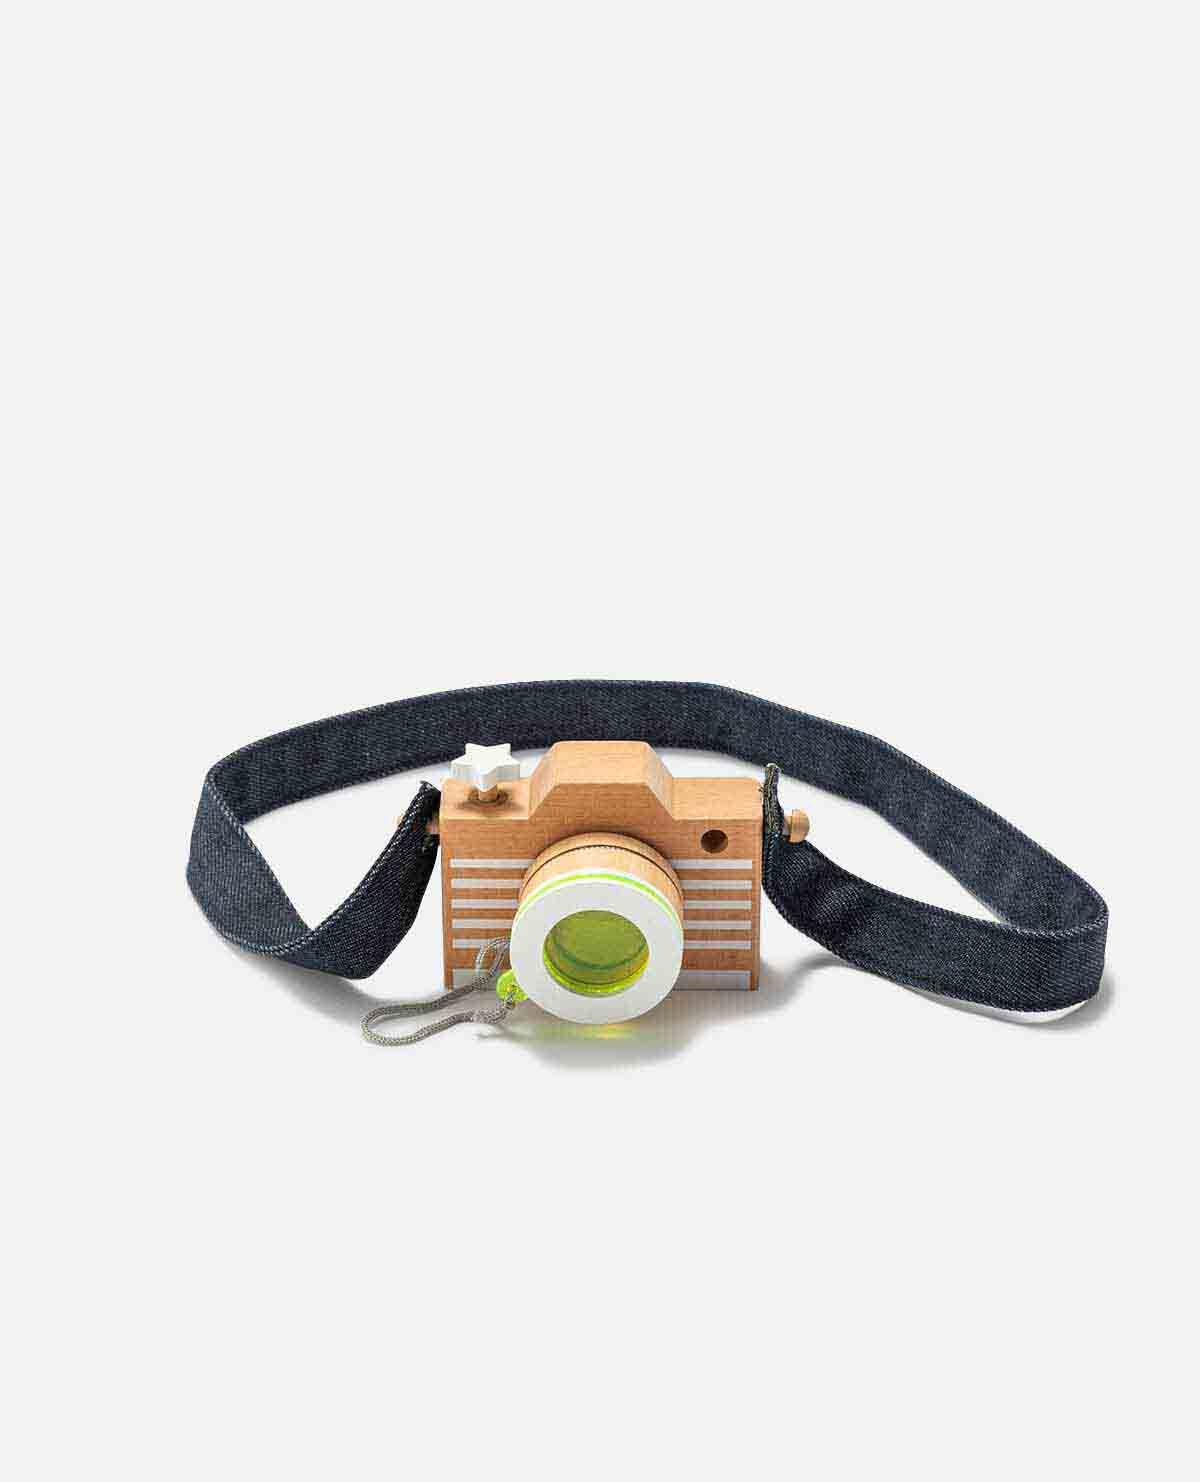 カメラ おもちゃ 玩具 木製 レトロ イエロー